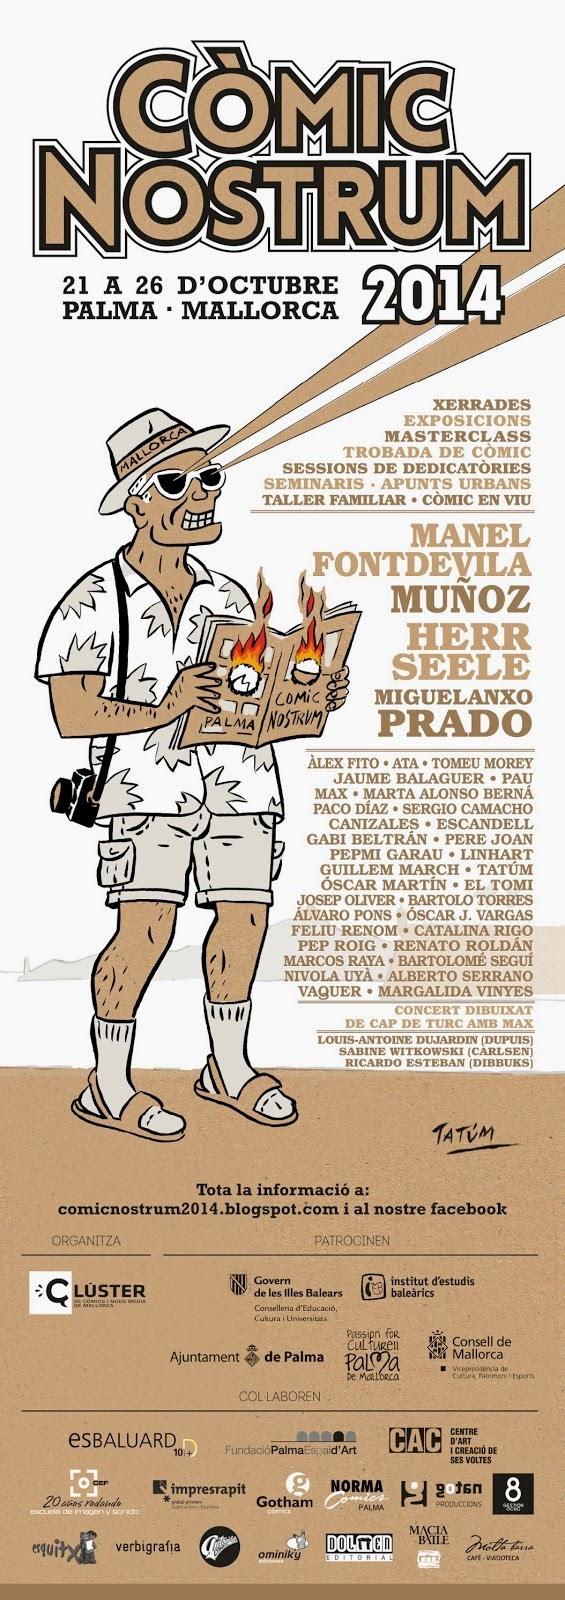 Comic Nostrum 21-26 de octubre Palma de Mallorca 2014. arte ilustración masterclass